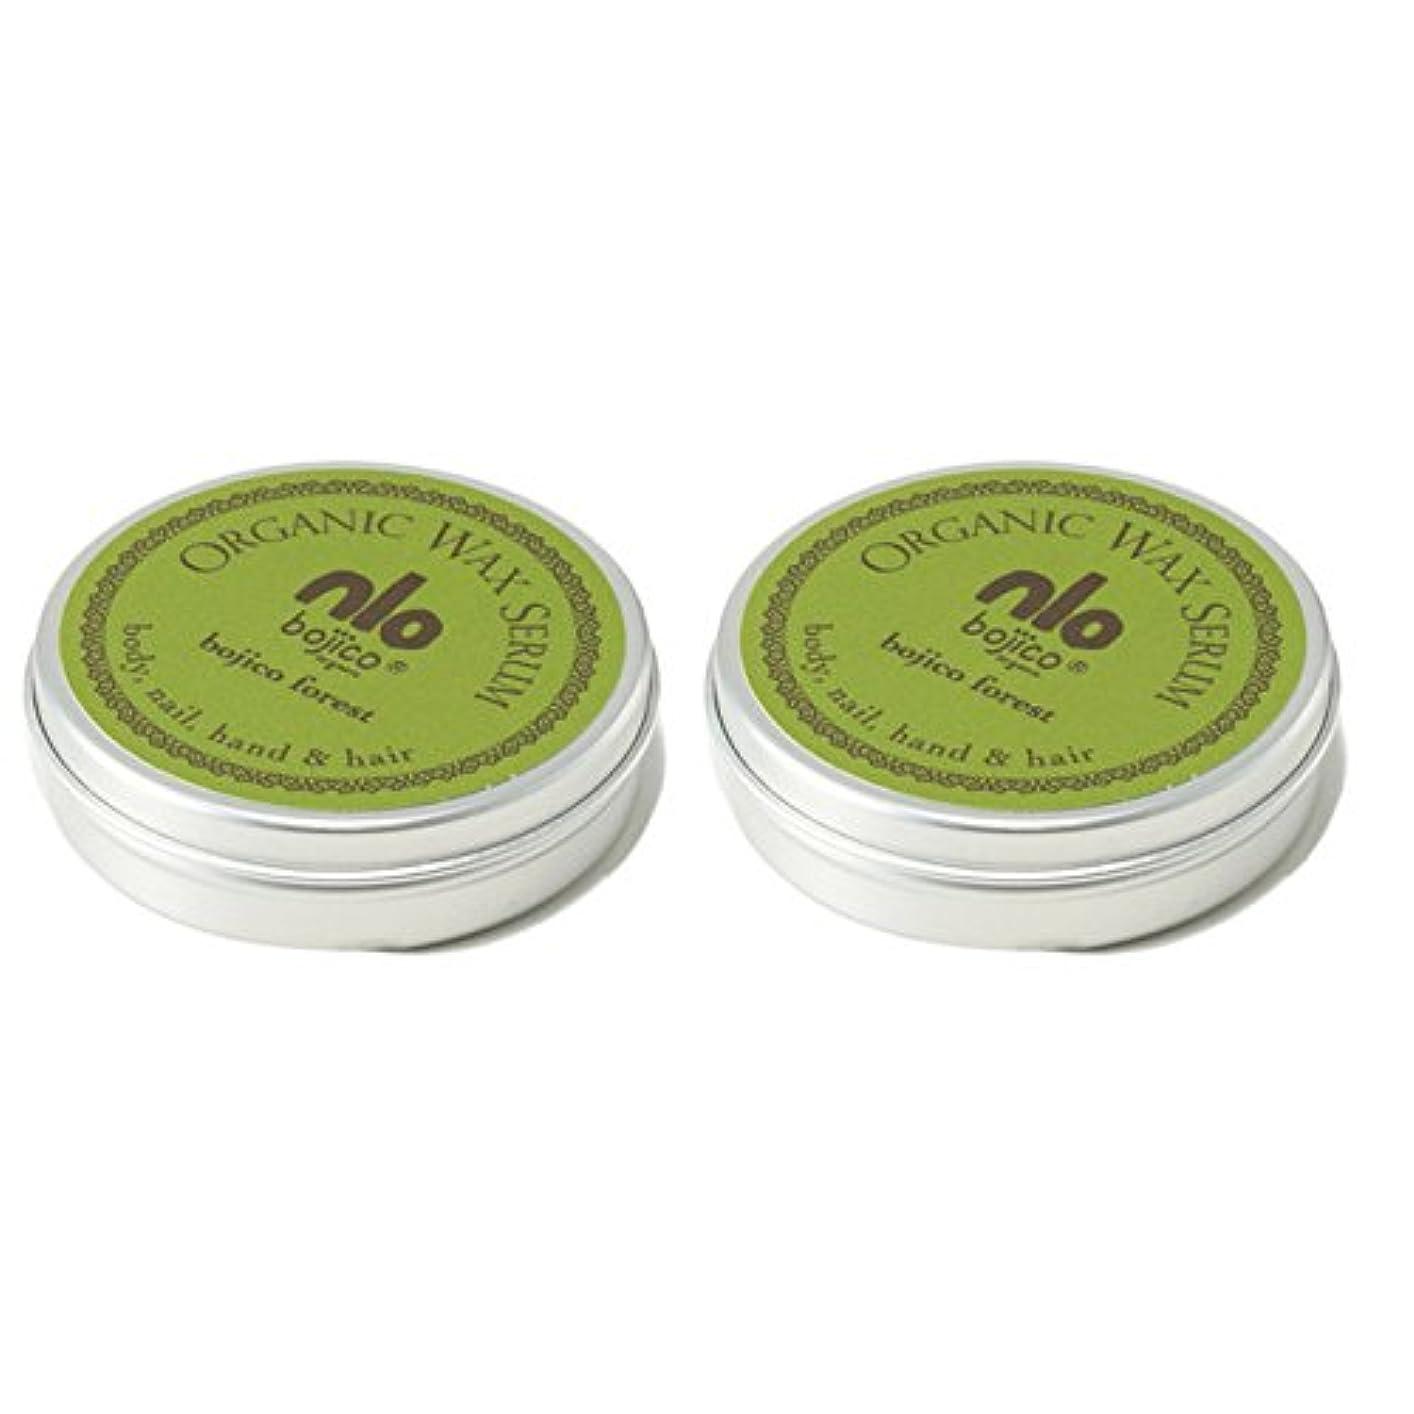 肯定的あご王女【40g×2個セット】 ボジコ オーガニック ワックス セラム <フォレスト> bojico Organic Wax Serum 40g×2